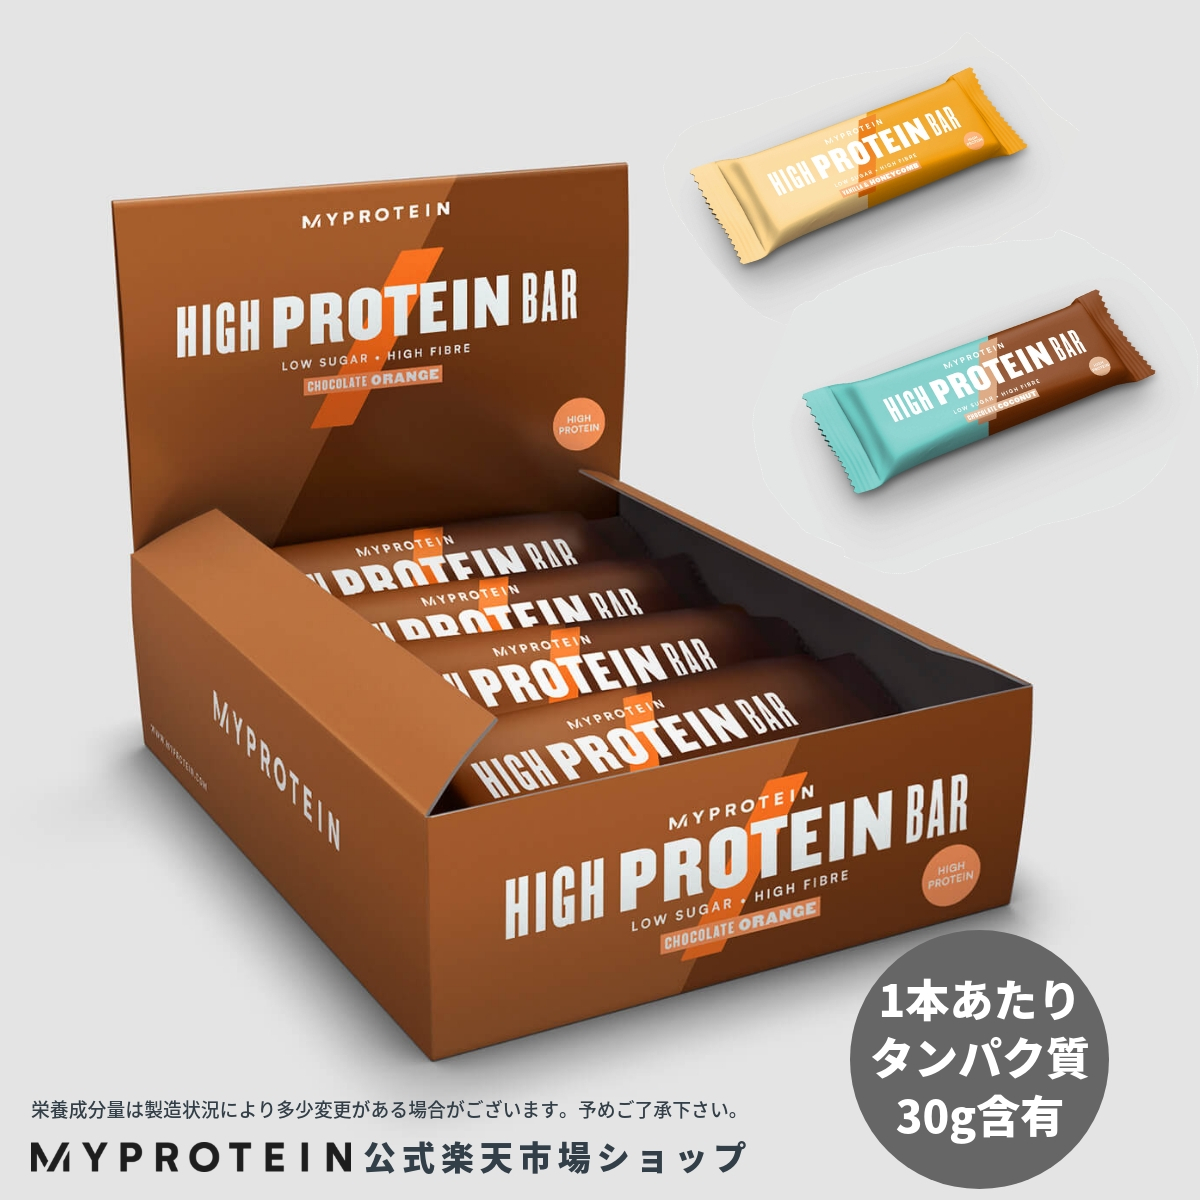 マイプロテイン 公式 【MyProtein】 ハイ プロテインバー 12本入| プロテイン プロテインスナック 低糖質 糖質制限 低糖 高炭水化物 高たんぱく 食物繊維 チョコ バニラ ベイクドチョコ グラノーラ【楽天海外直送】